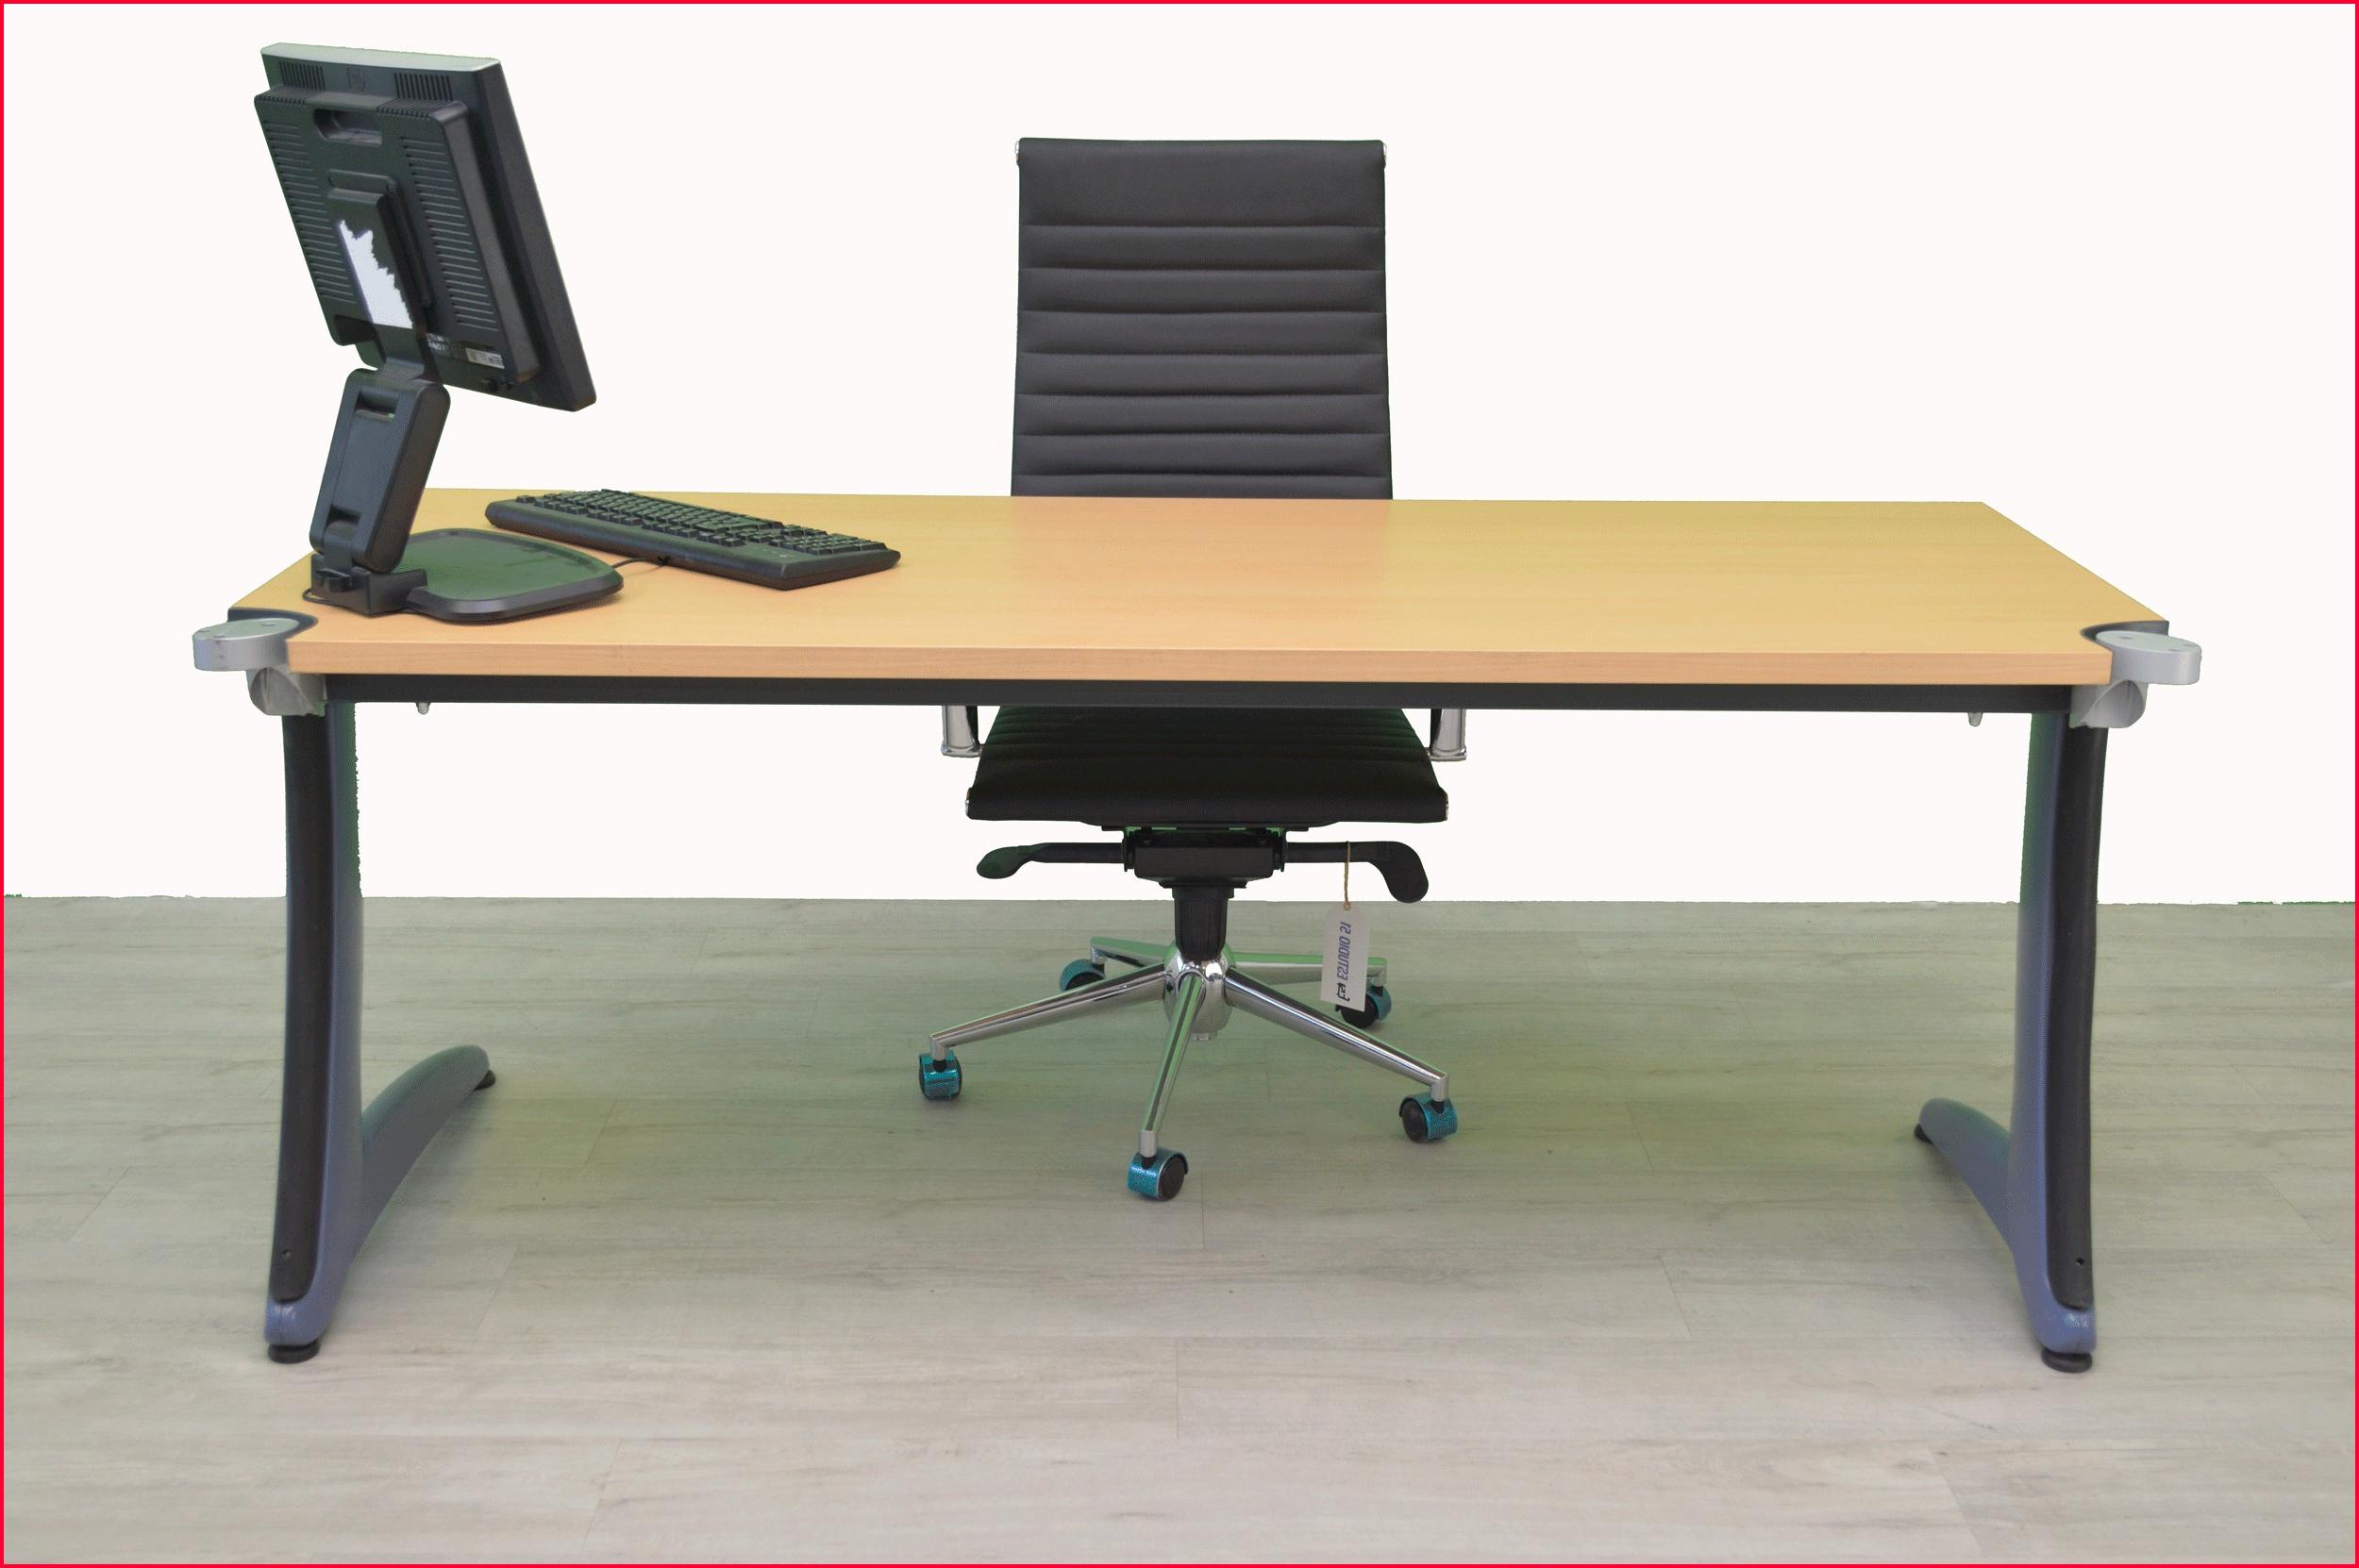 Muebles De Oficina De Segunda Mano Bqdd Muebles Oficina Segunda Mano Mueble De Oficina De Segunda